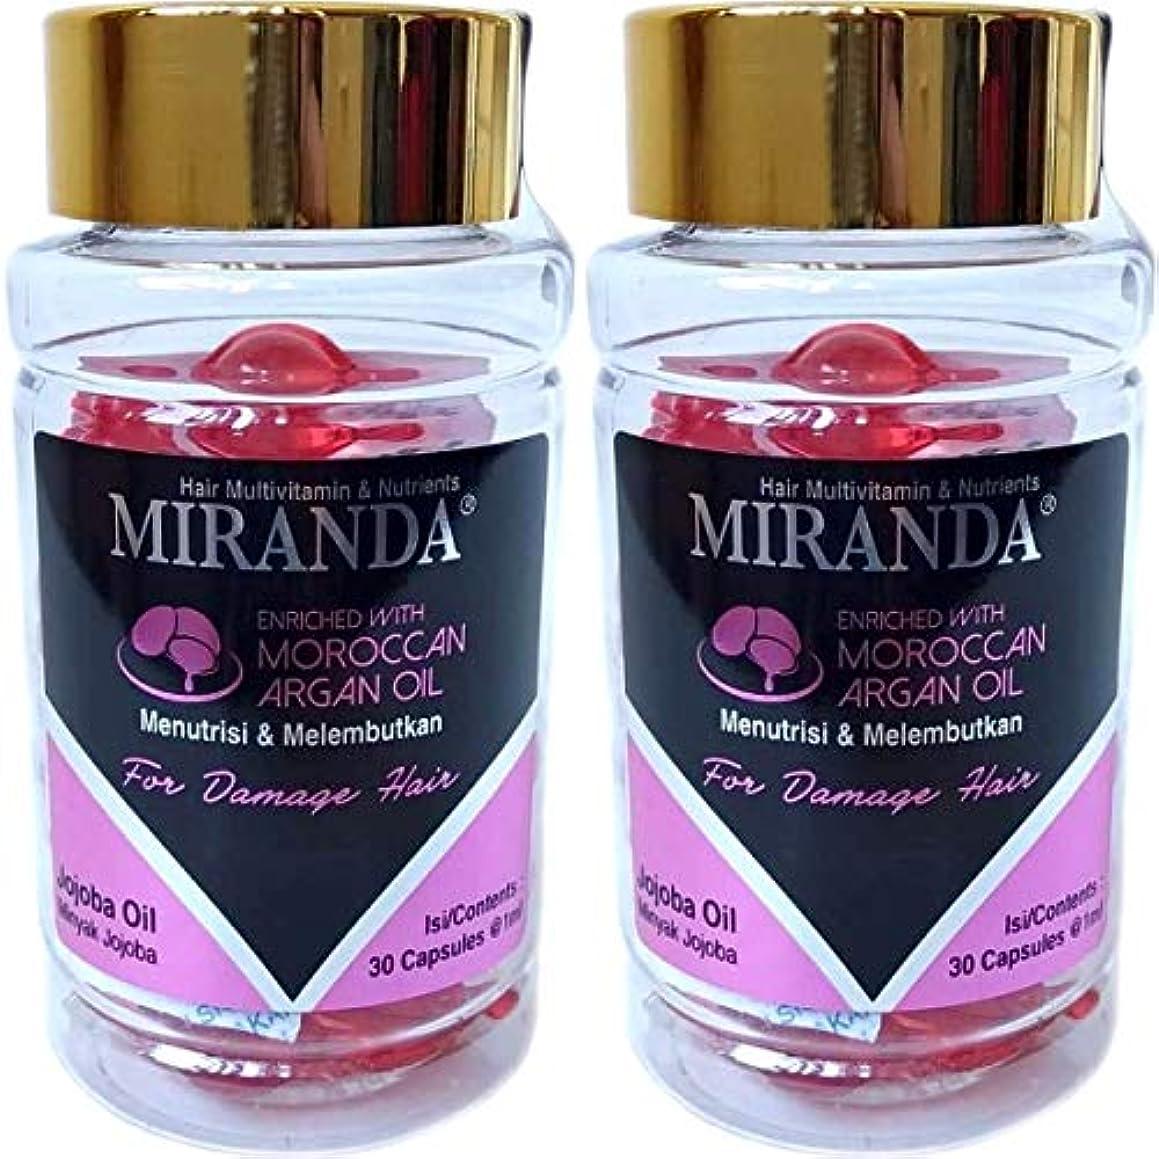 どきどき重々しい相反するMIRANDA ミランダ Hair Multivitamin&Nutrients ヘアマルチビタミン ニュートリエンツ 洗い流さないヘアトリートメント 30粒入ボトル×2個セット Jojoba oil ホホバオイル [海外直送品]